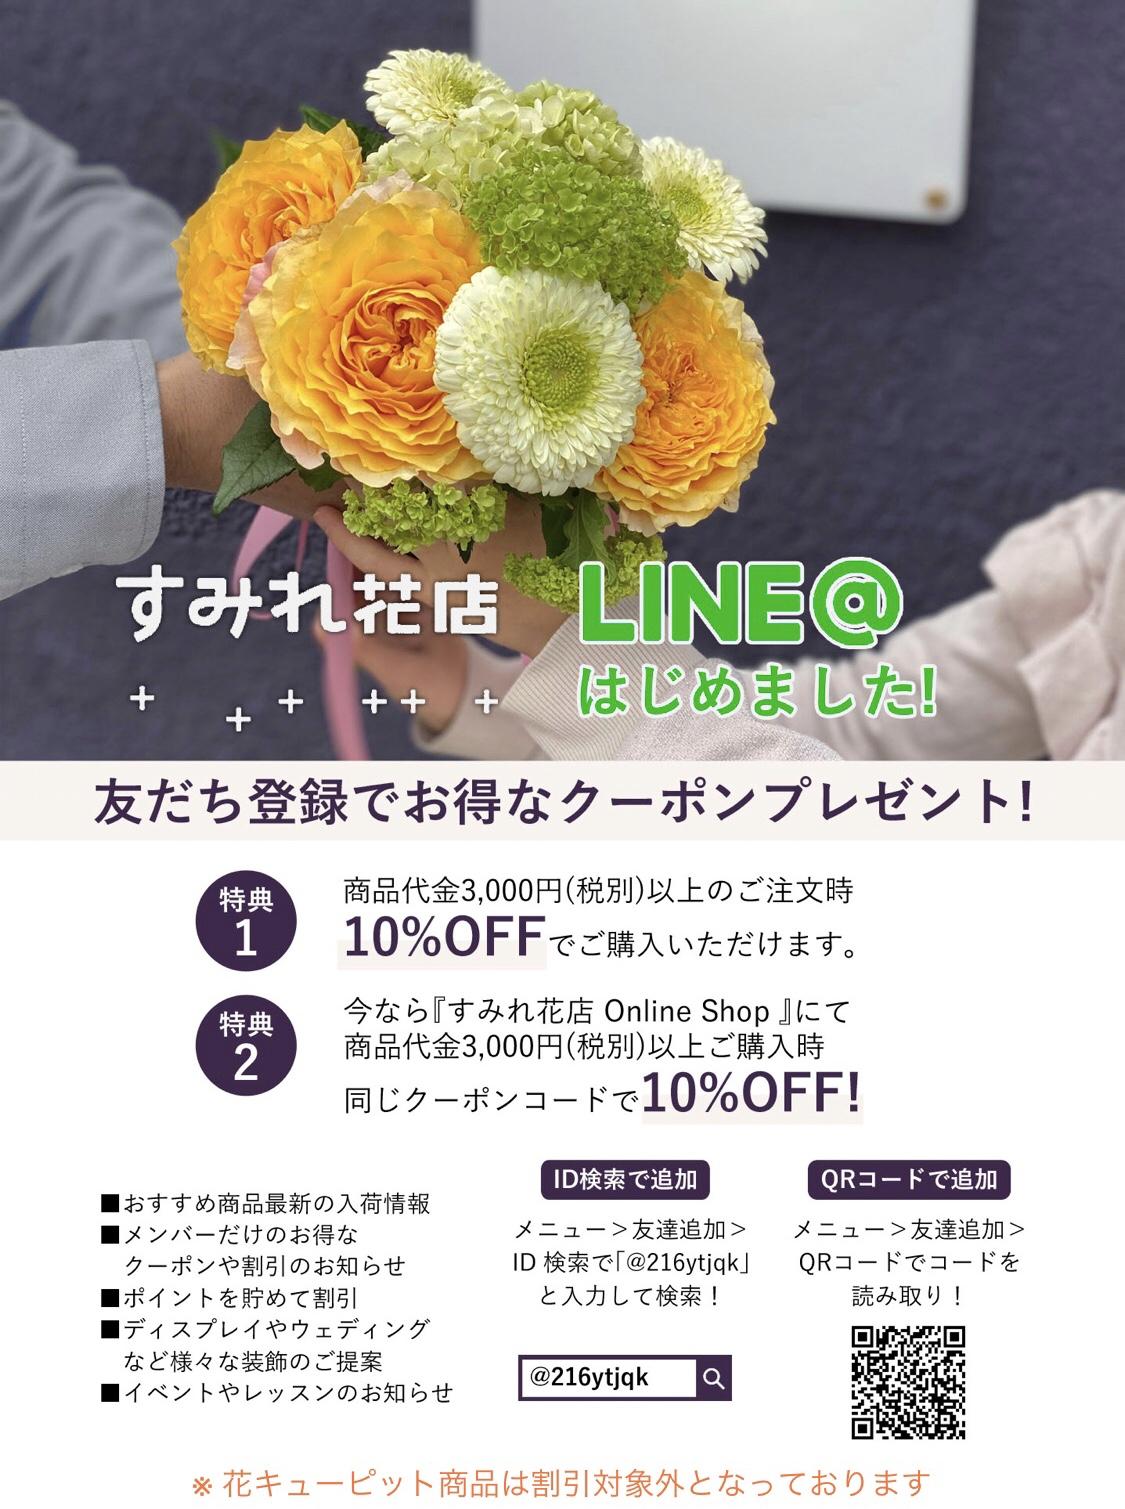 すみれ花店 Online Shop